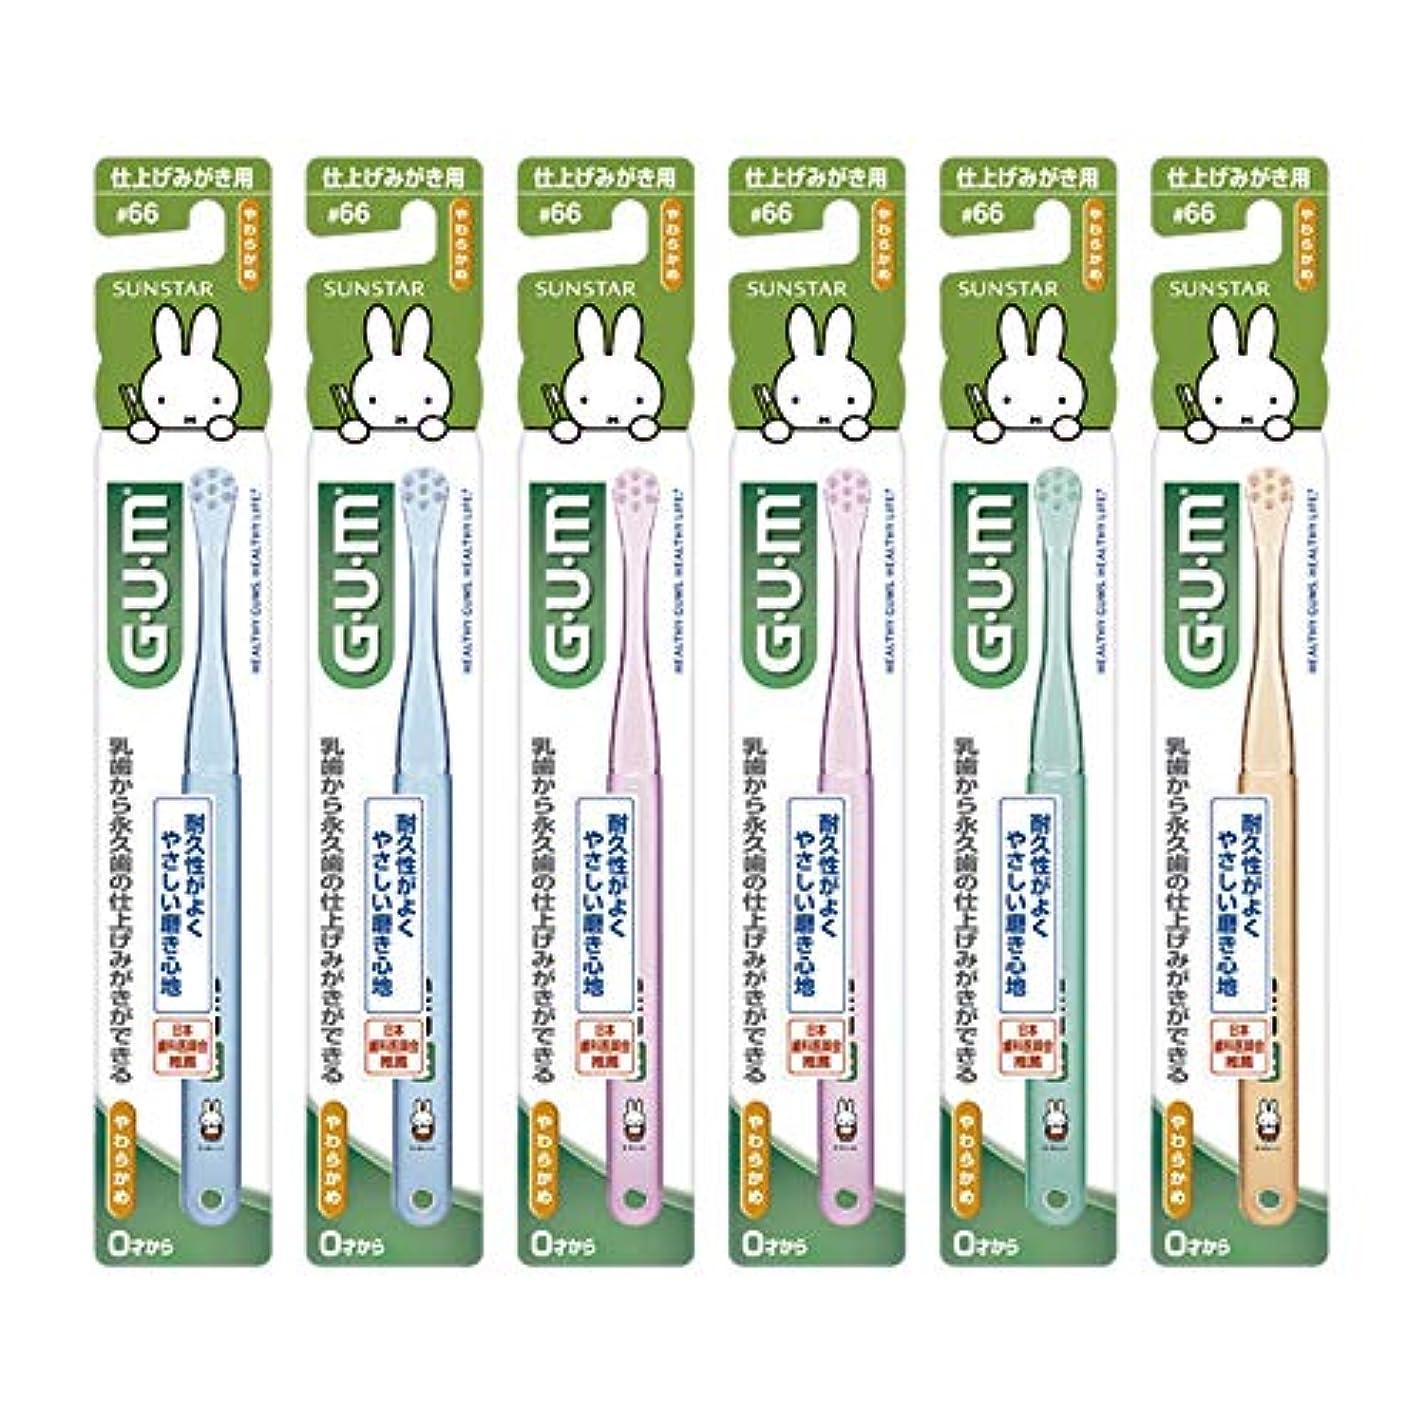 方法女の子著者GUM(ガム) デンタル こども 歯ブラシ #66 [仕上げみがき用/やわらかめ] 6本パック+ おまけつき【Amazon.co.jp限定】